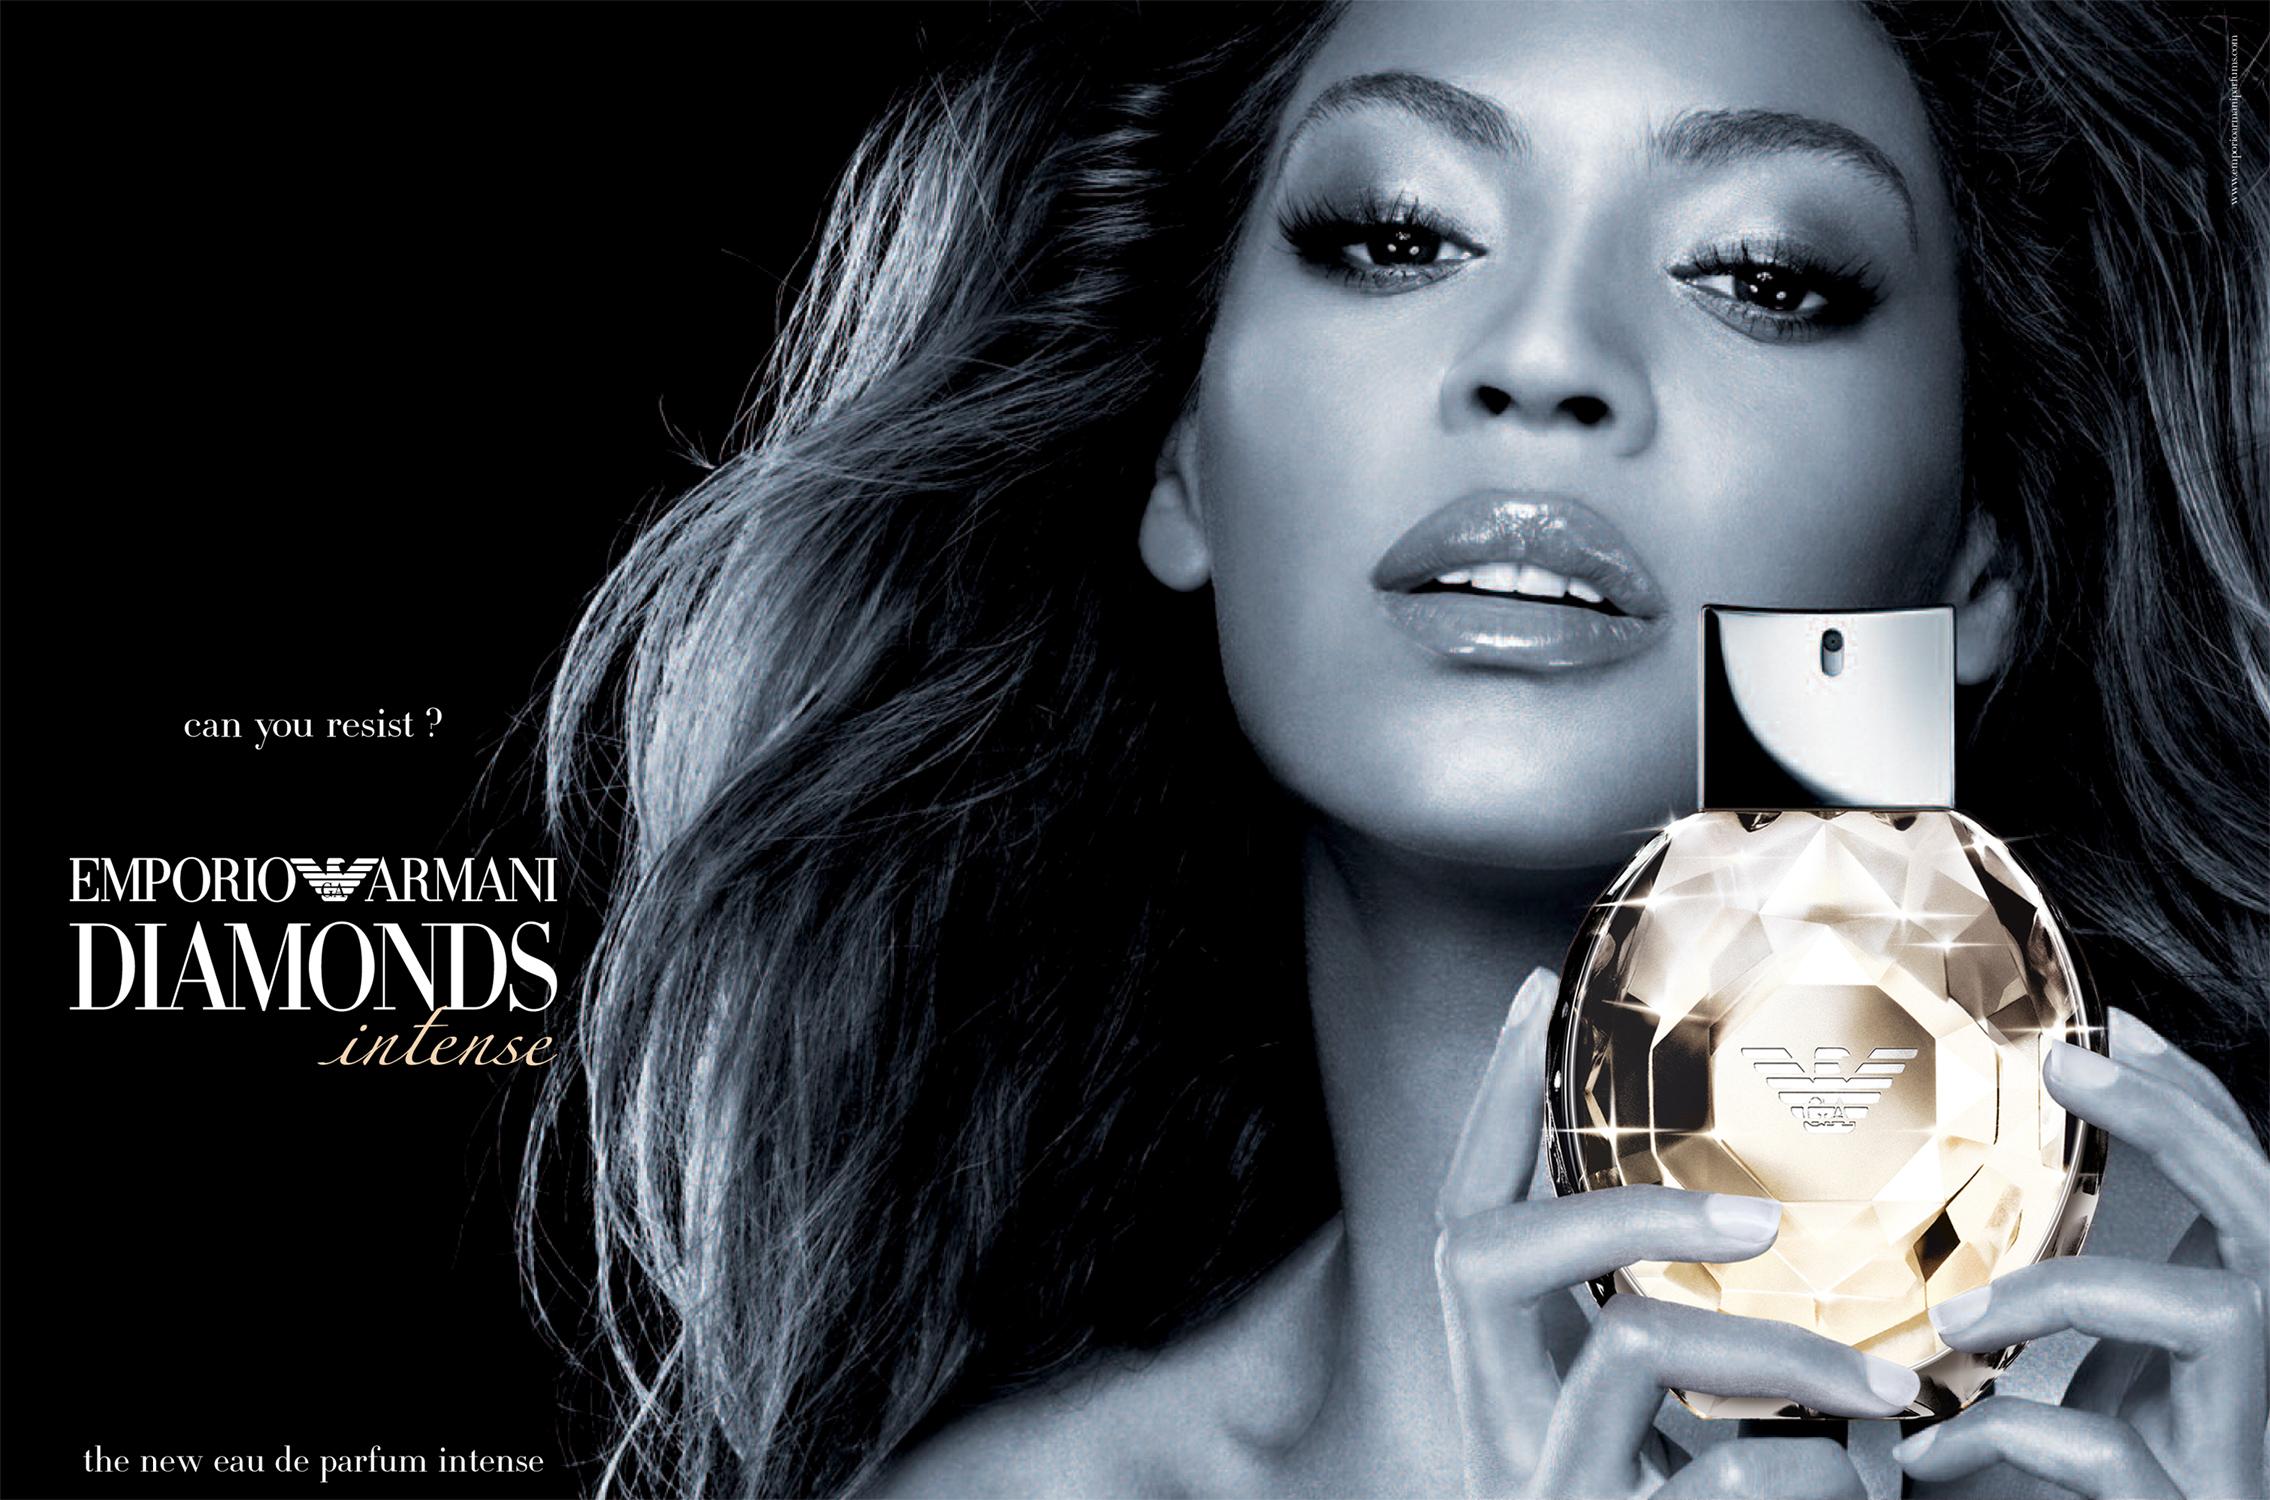 картинки парфюмерии для рекламы шел